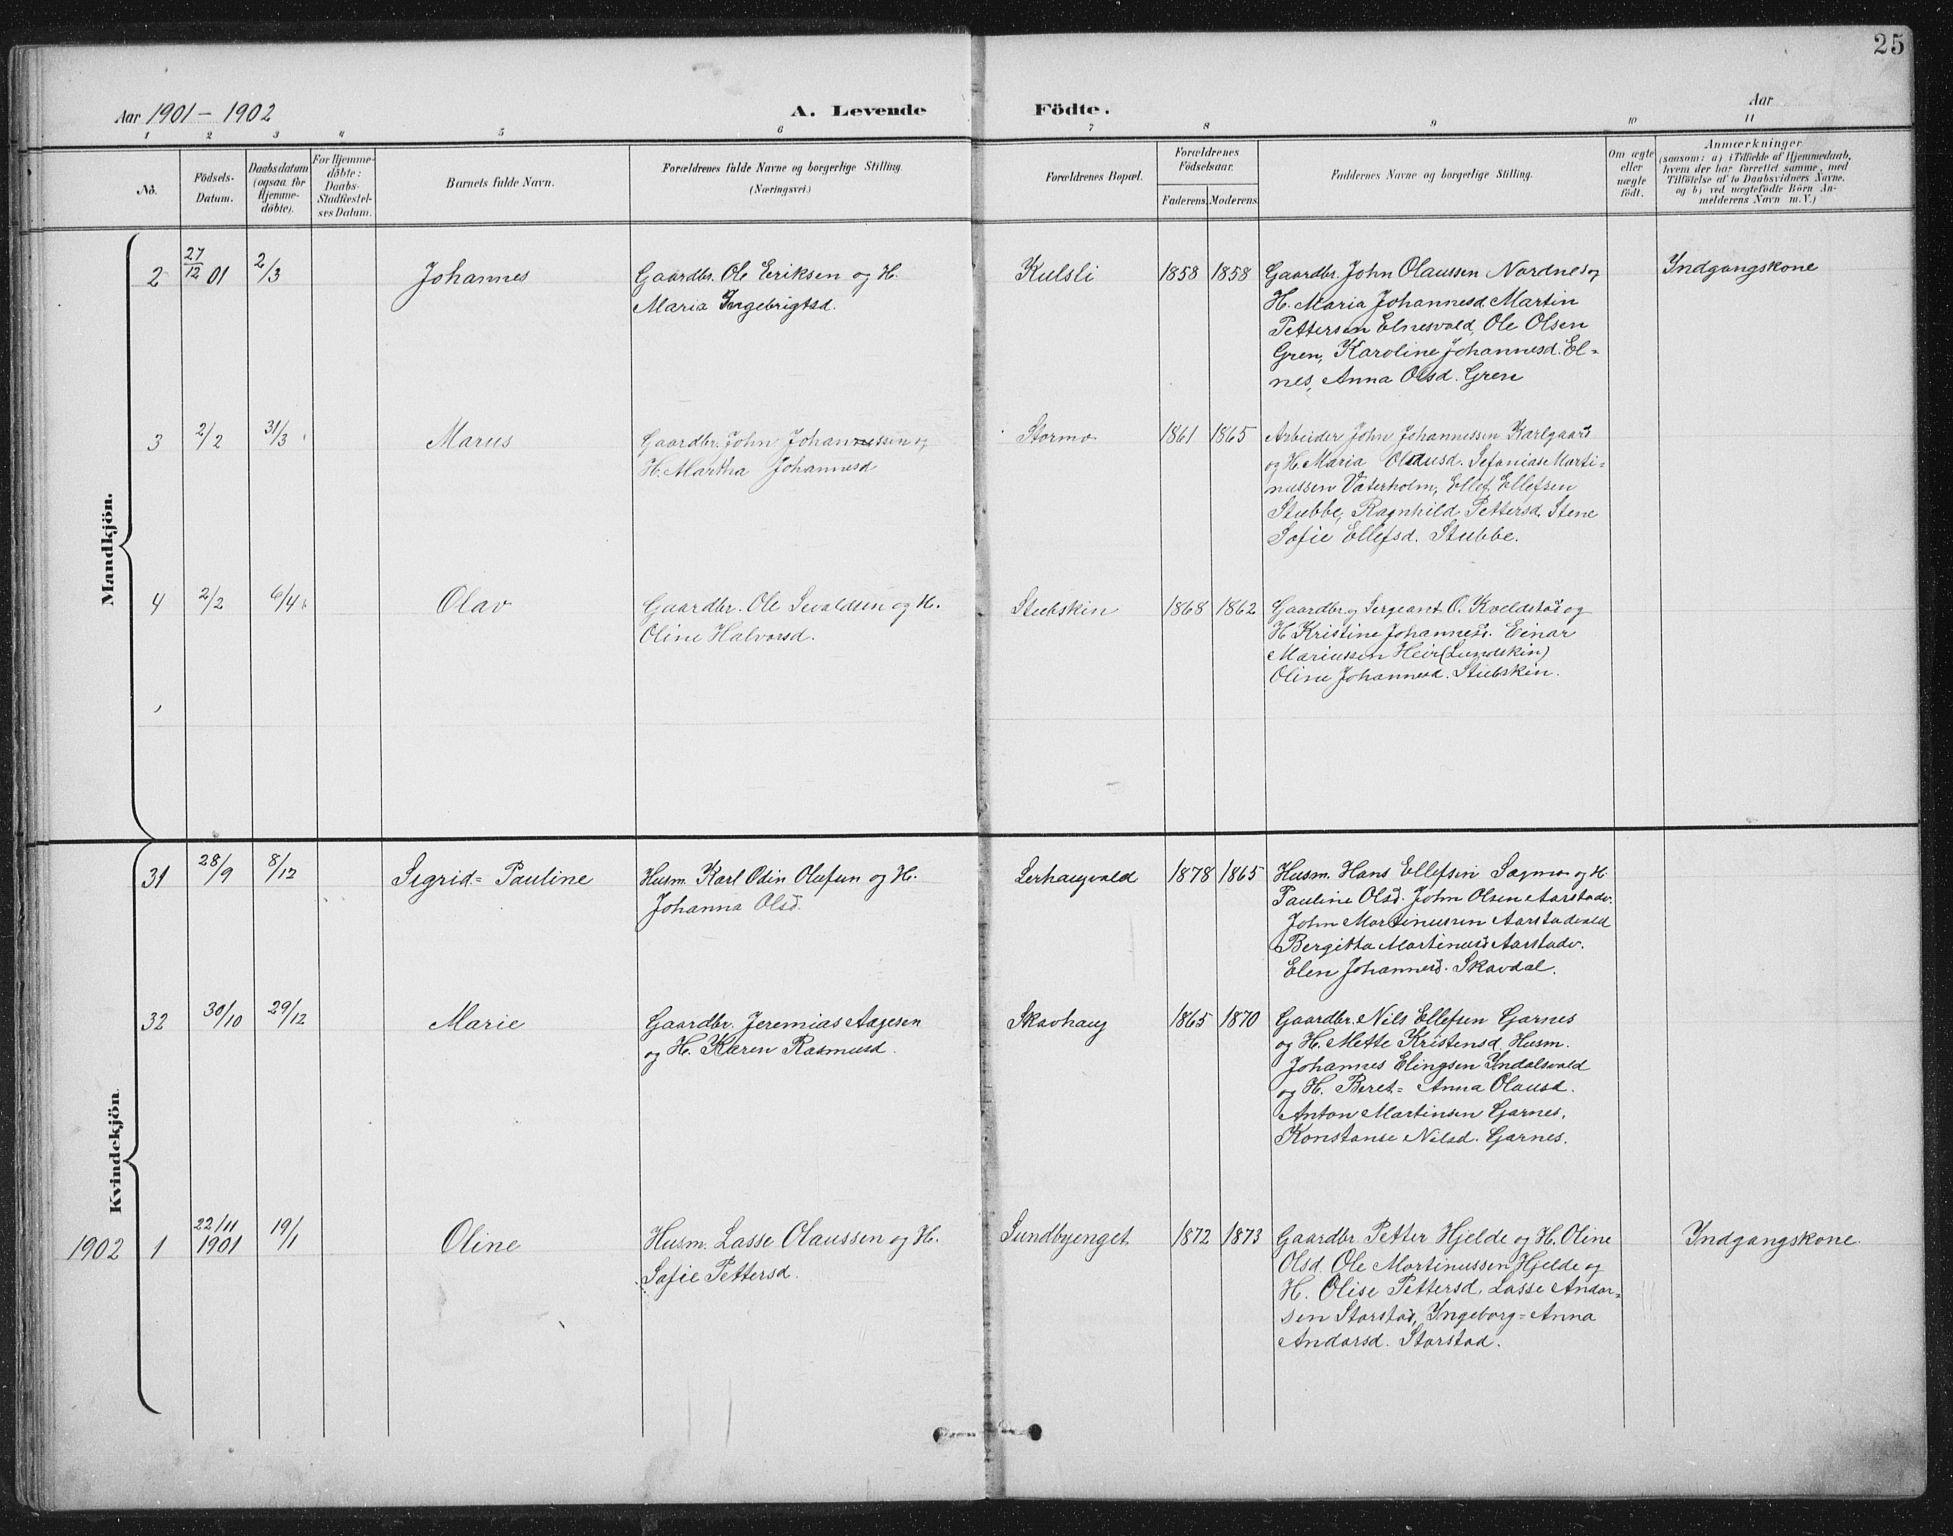 SAT, Ministerialprotokoller, klokkerbøker og fødselsregistre - Nord-Trøndelag, 724/L0269: Klokkerbok nr. 724C05, 1899-1920, s. 25